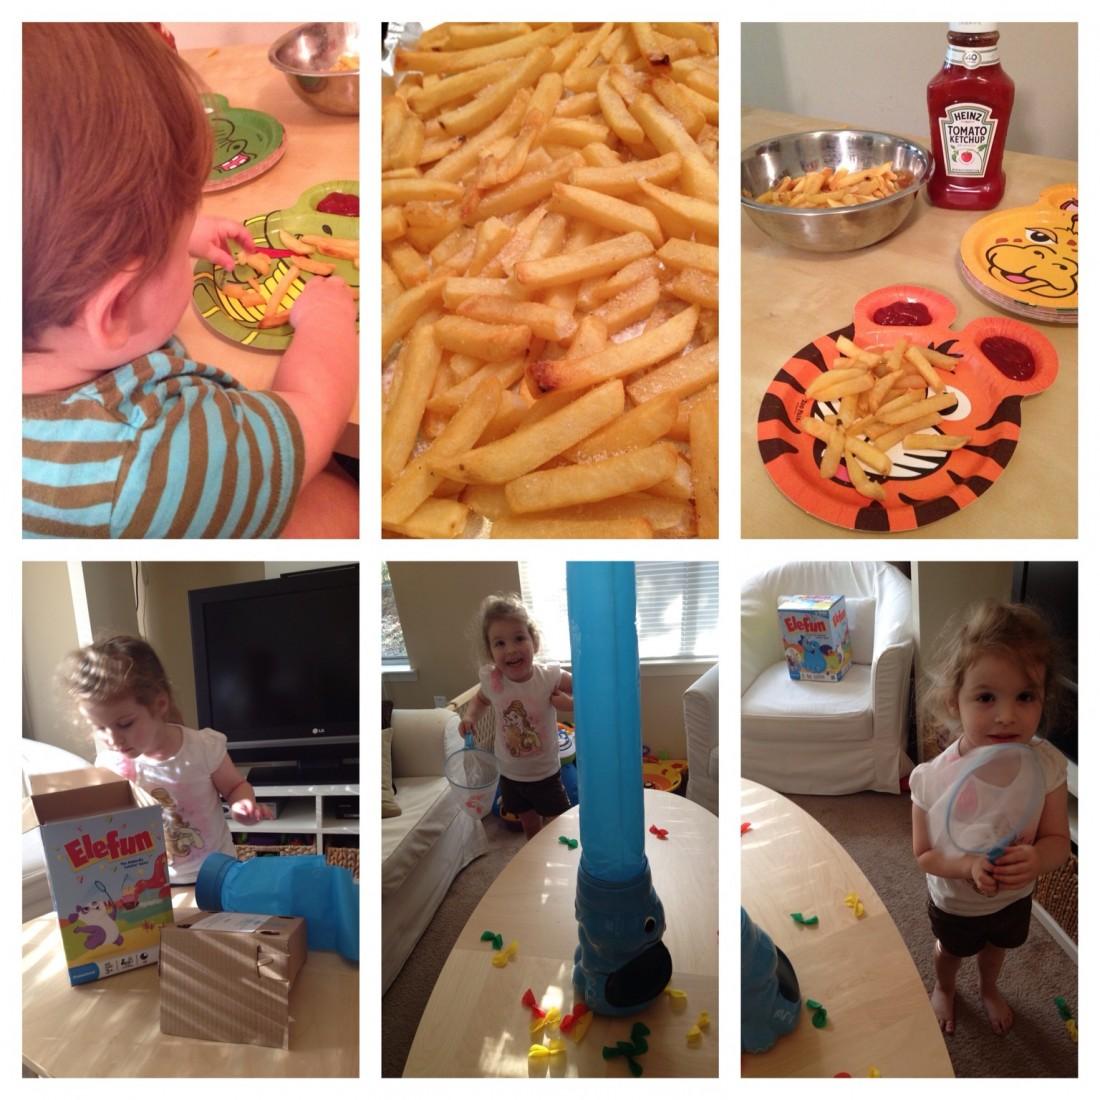 #DipDipHooray Fries & EleFun!